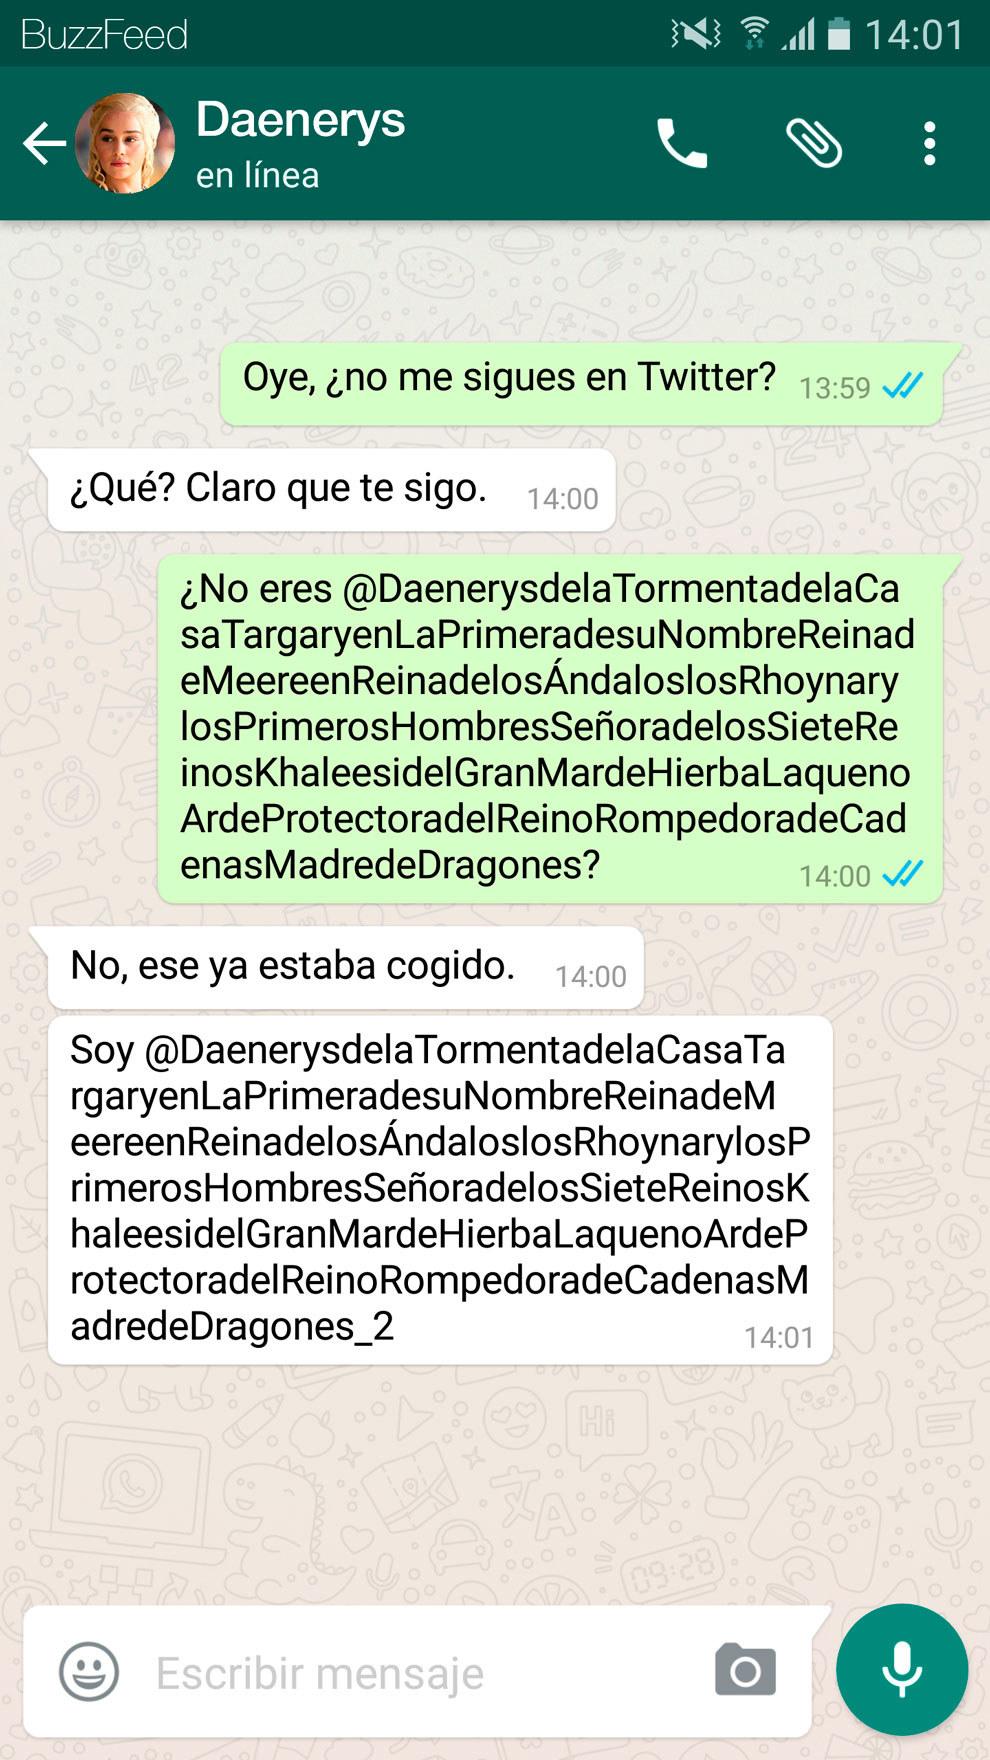 Si Los Personajes De Juego De Tronos Tuvieran Whatsapp Serian